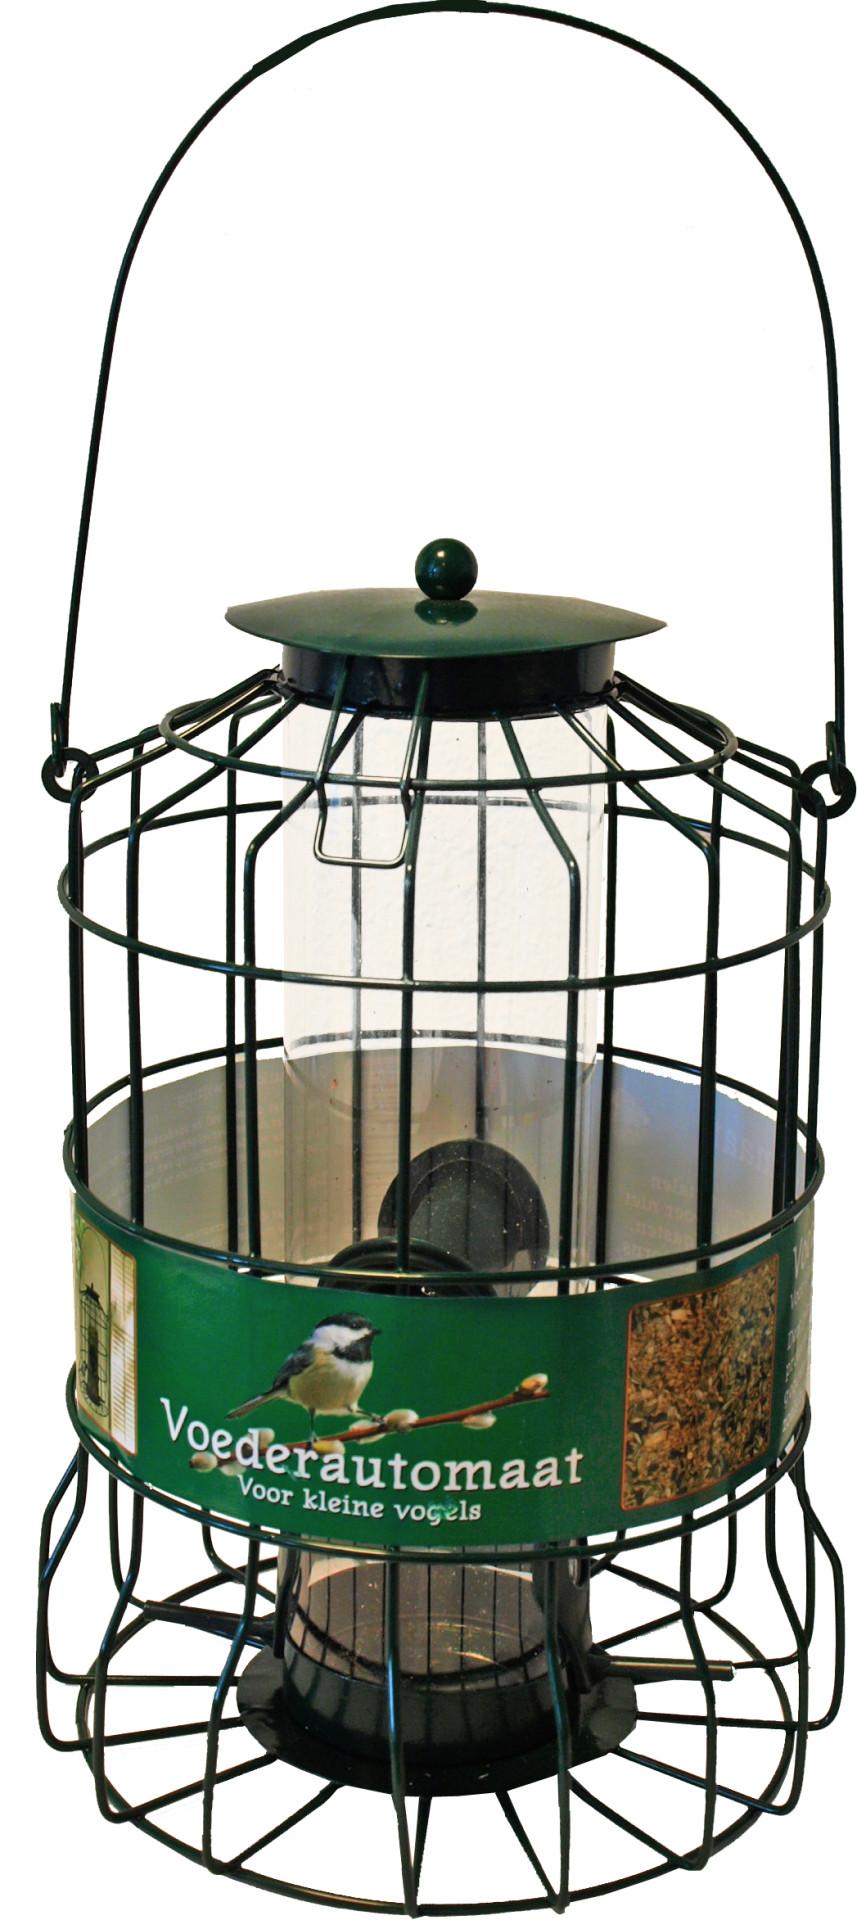 Voederautomaat voor kleine vogels metaal groen